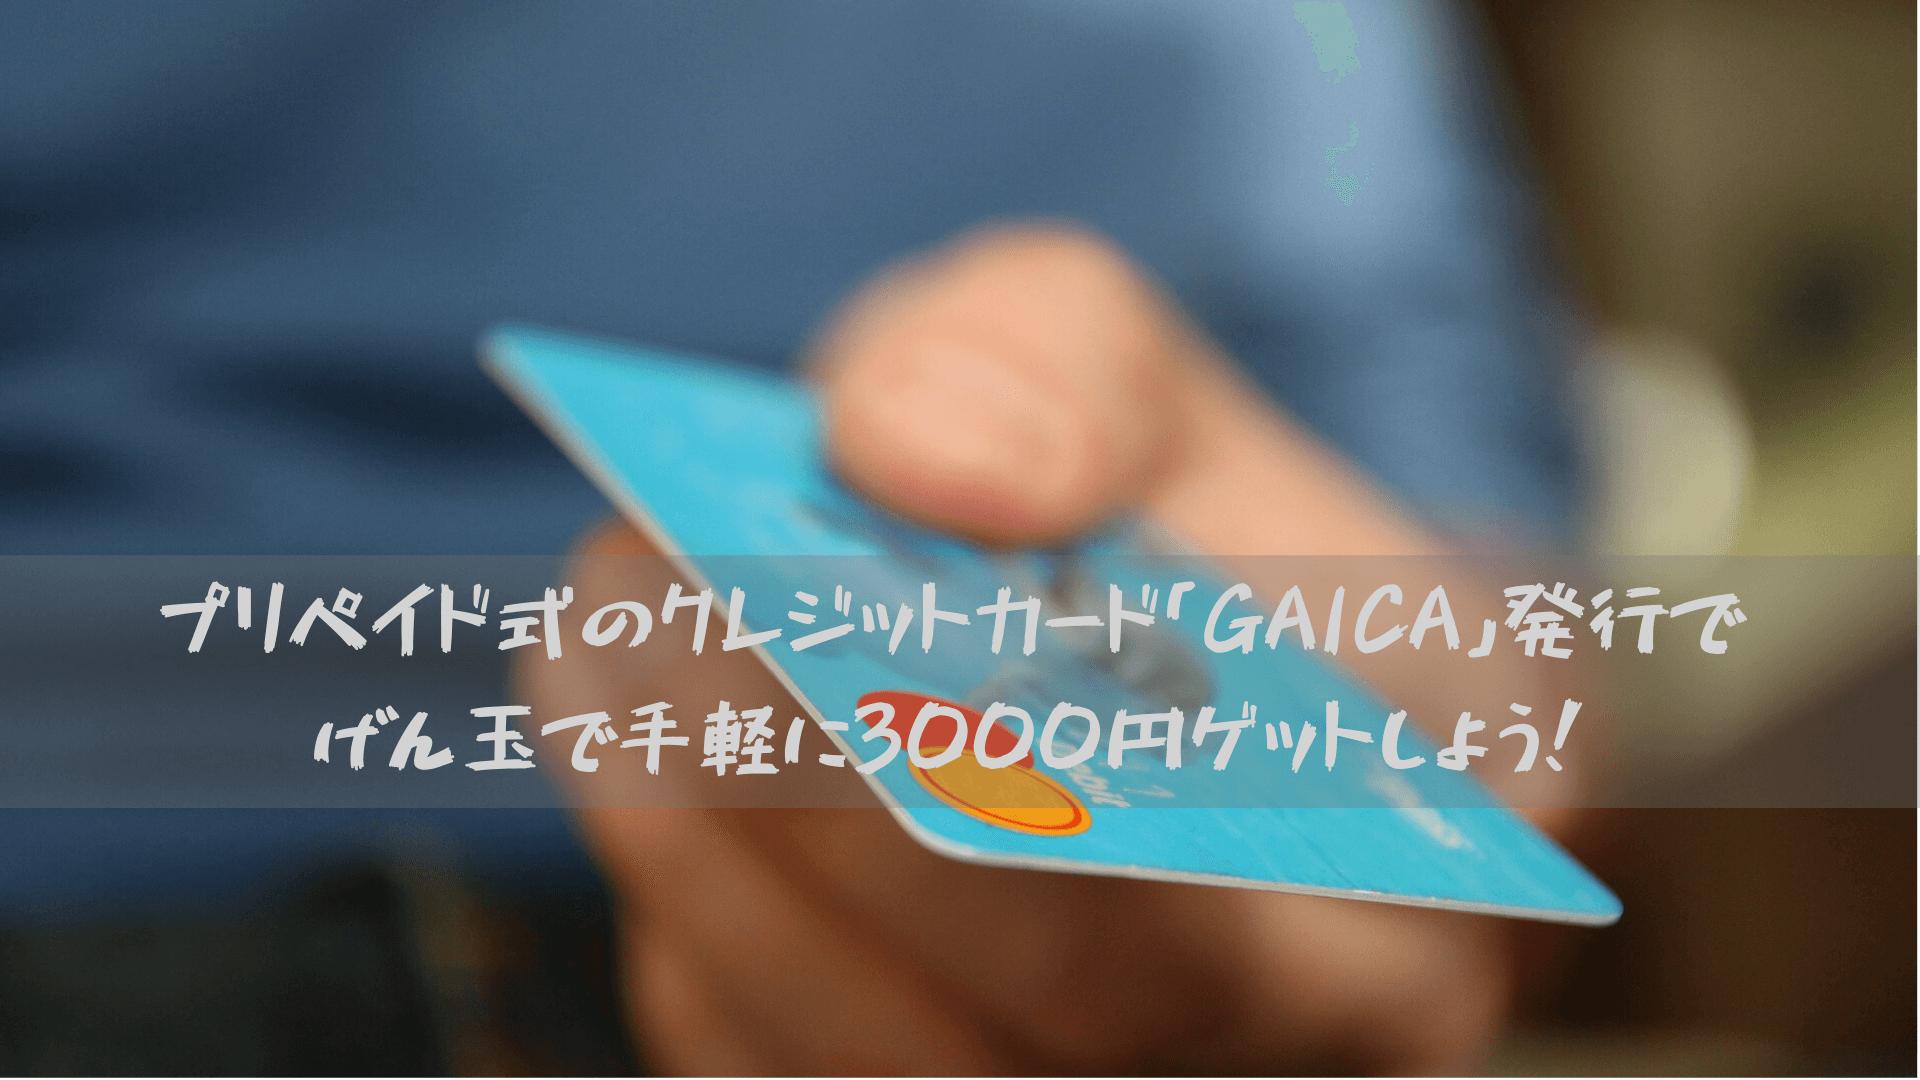 プリペイド式のクレジットカード「GAICA」発行でげん玉で手軽に3000円ゲットしよう!